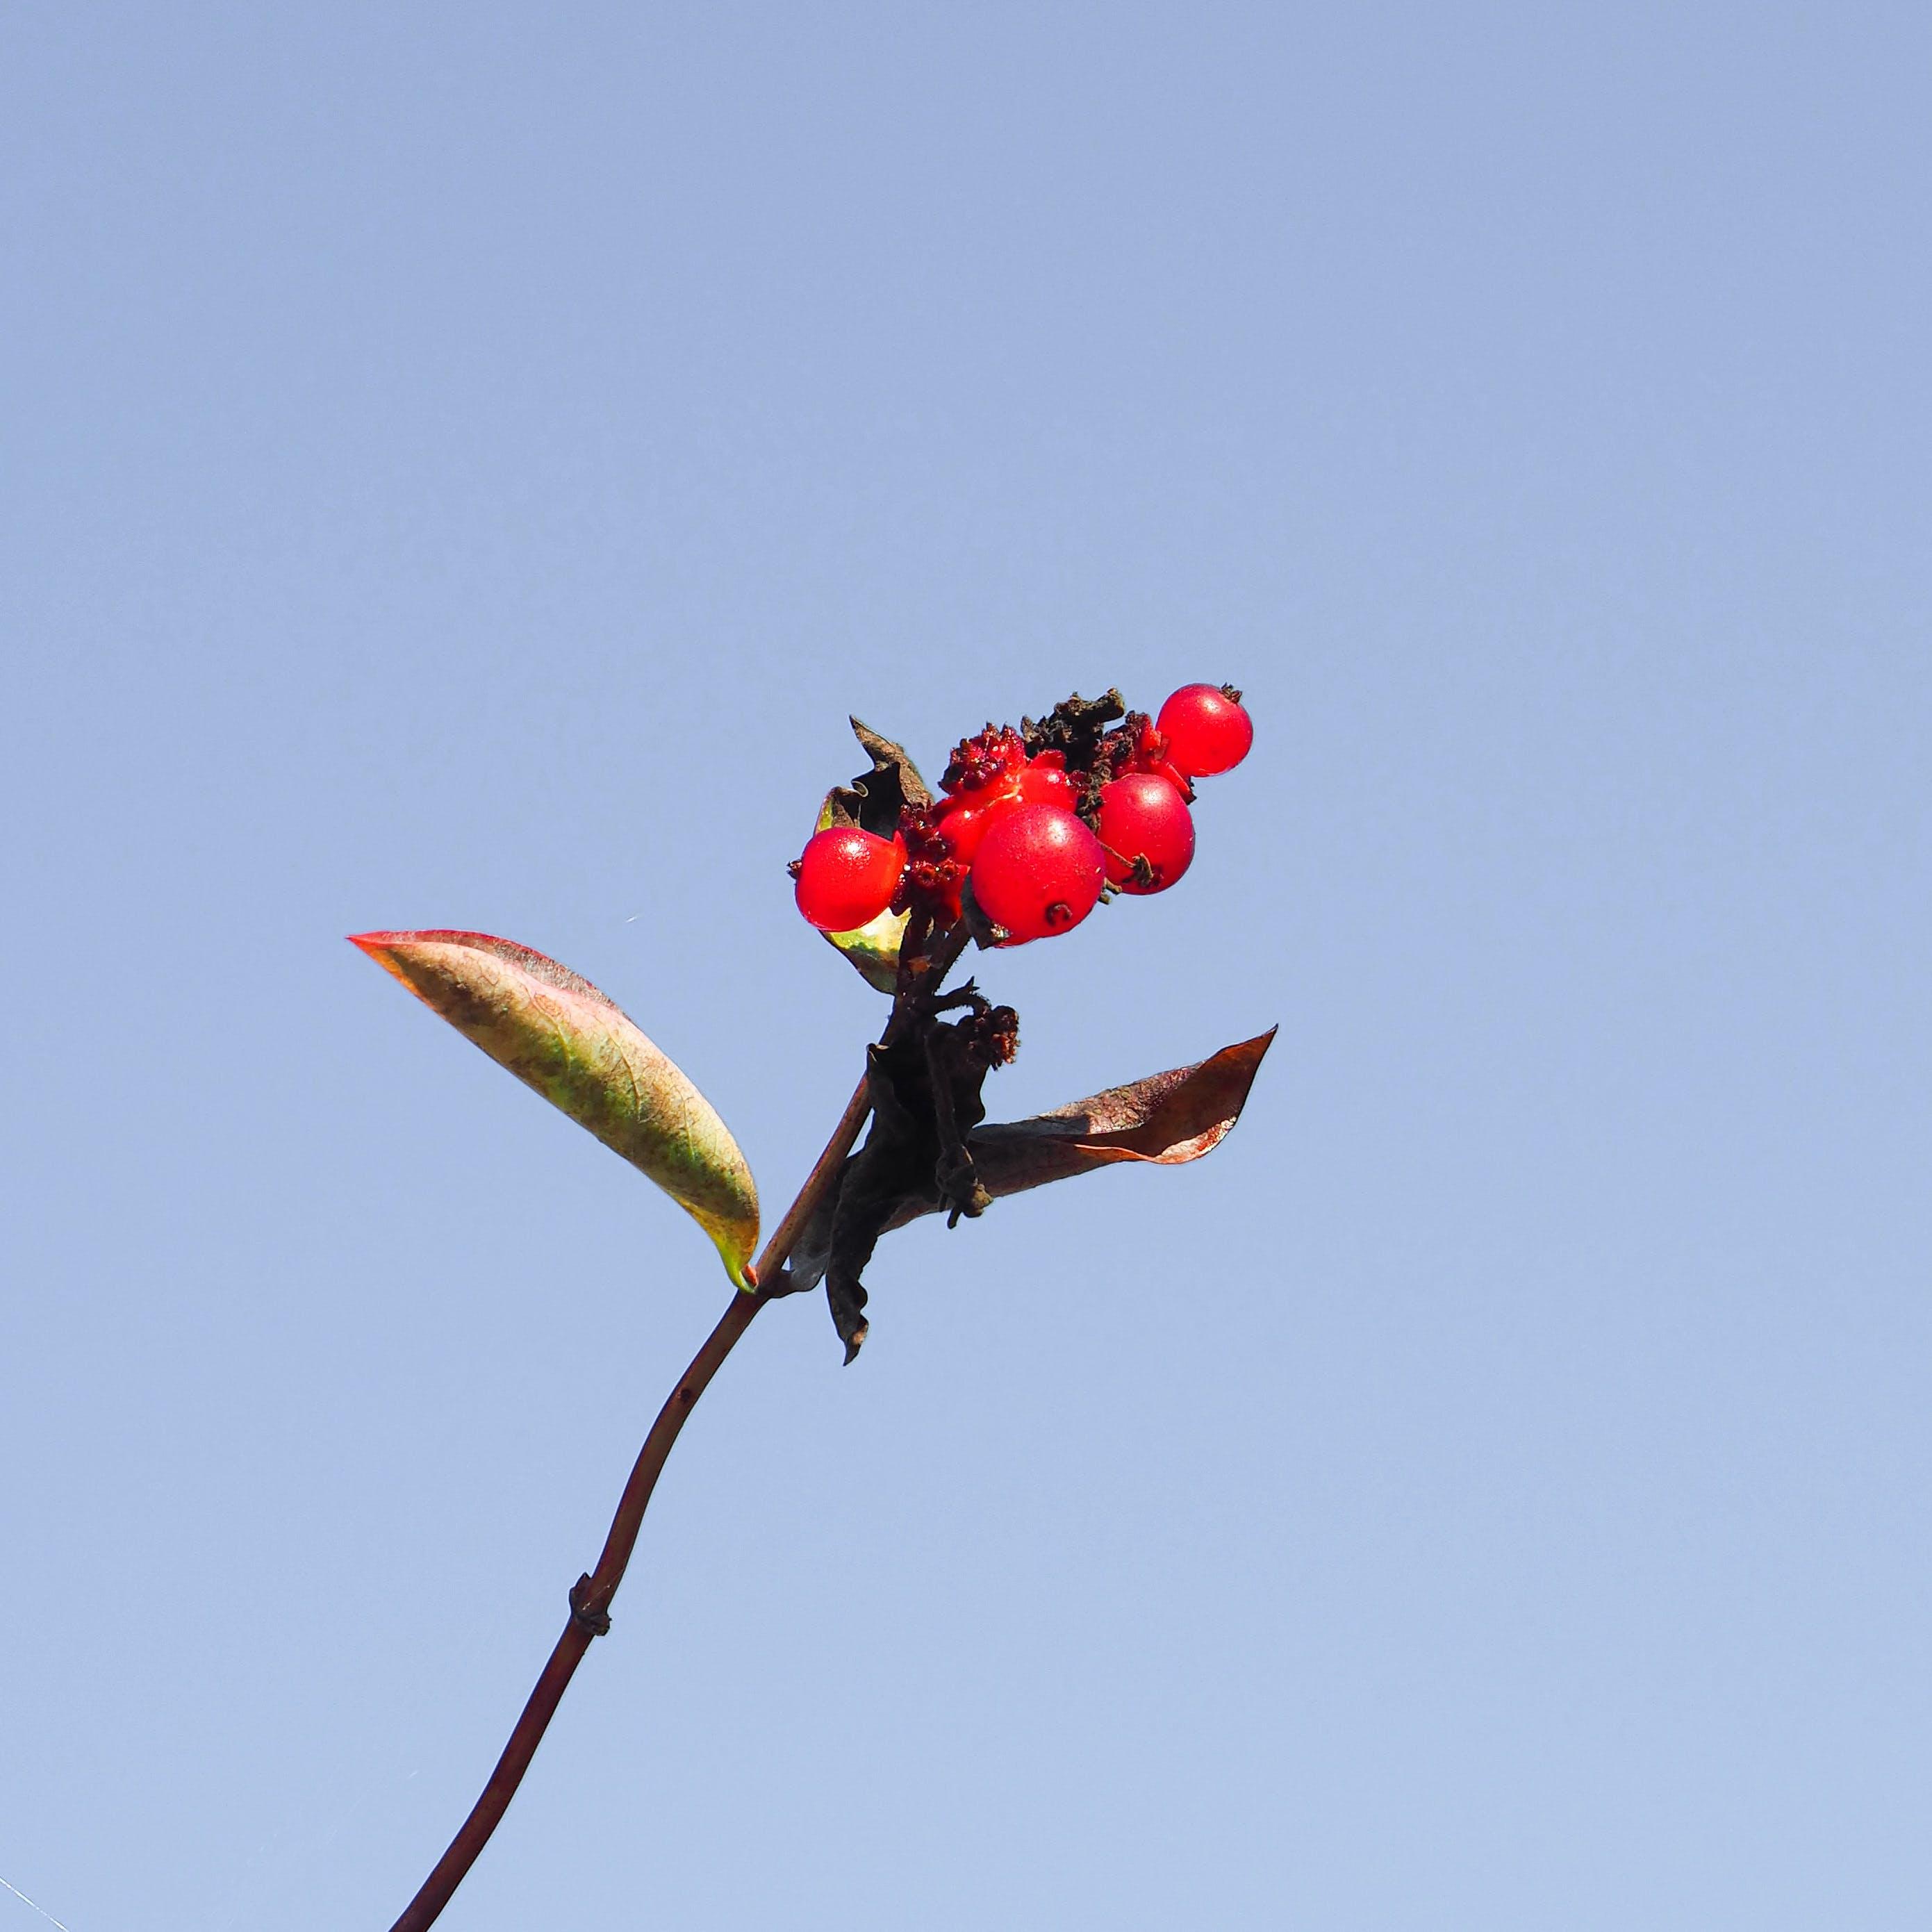 Free stock photo of berries, blue skies